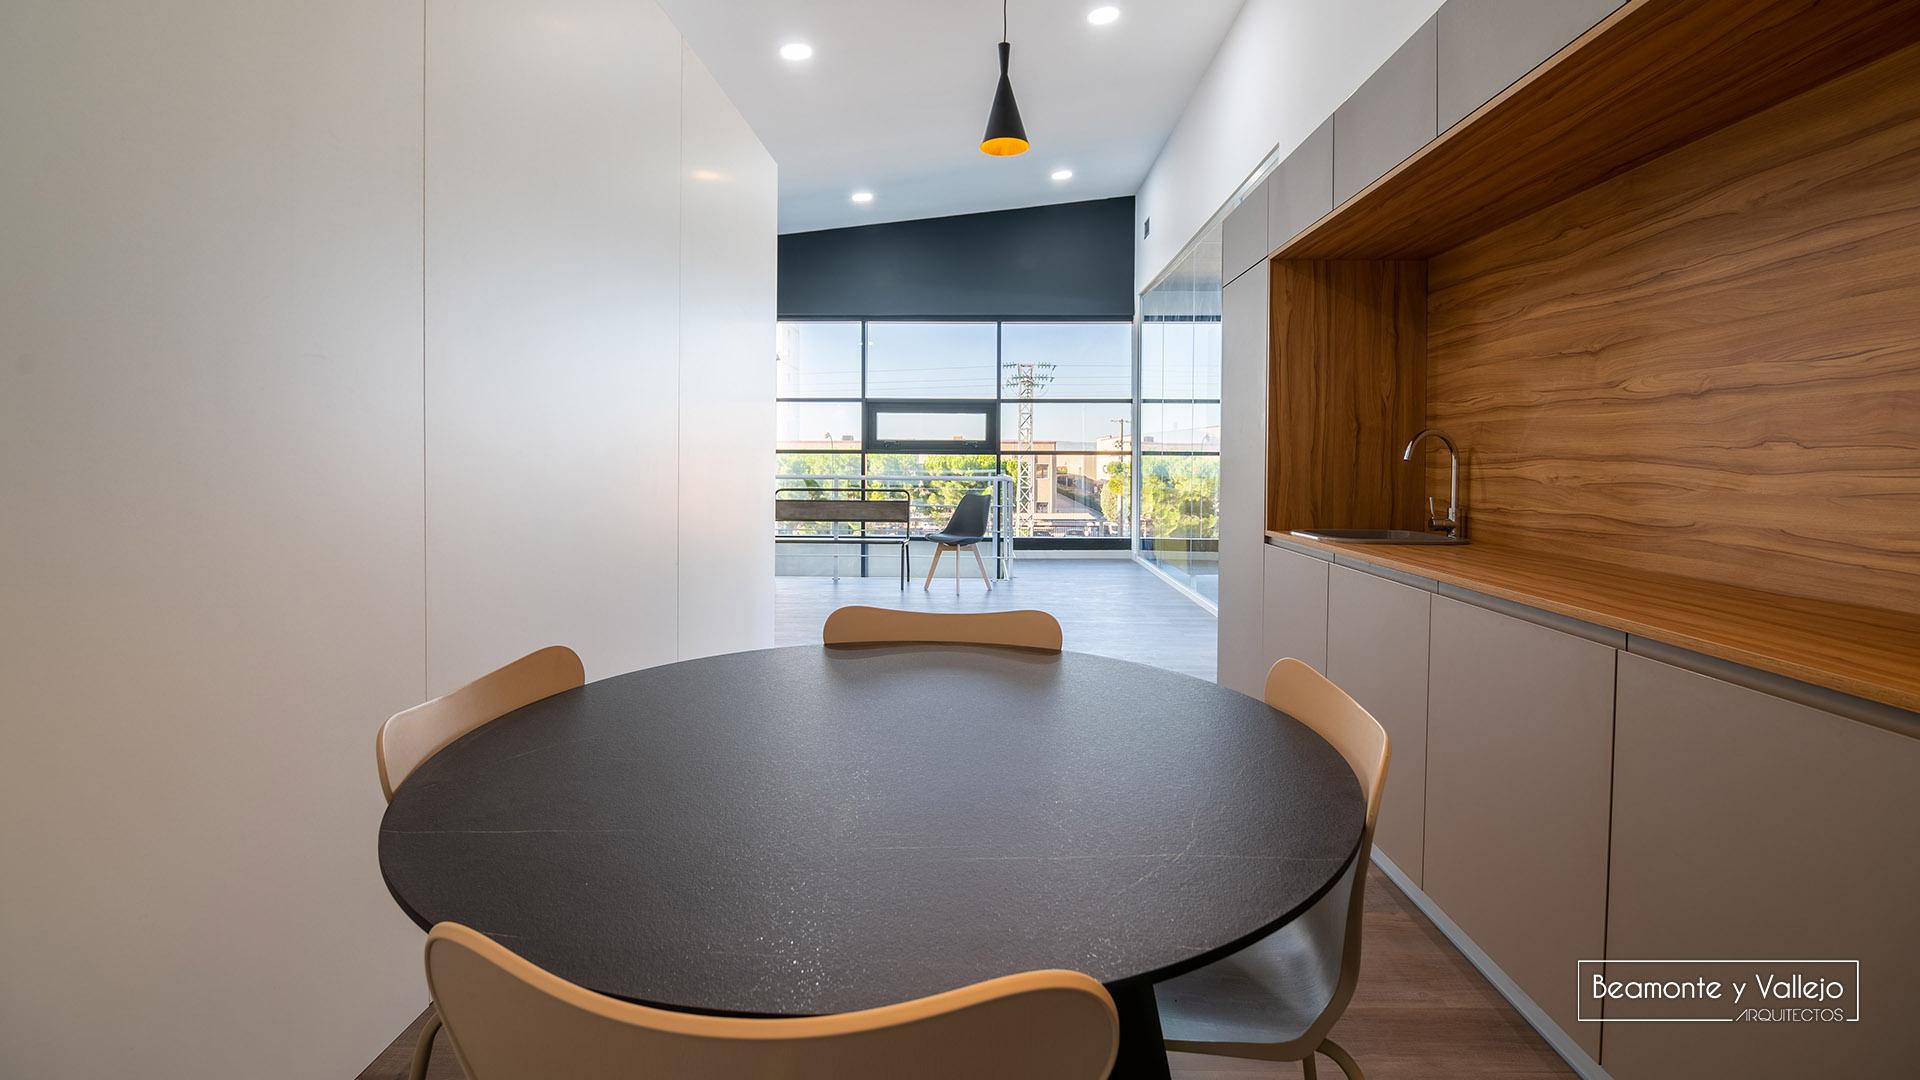 Beamonte y Vallejo arquitectos - Oficinas Arkel - 4